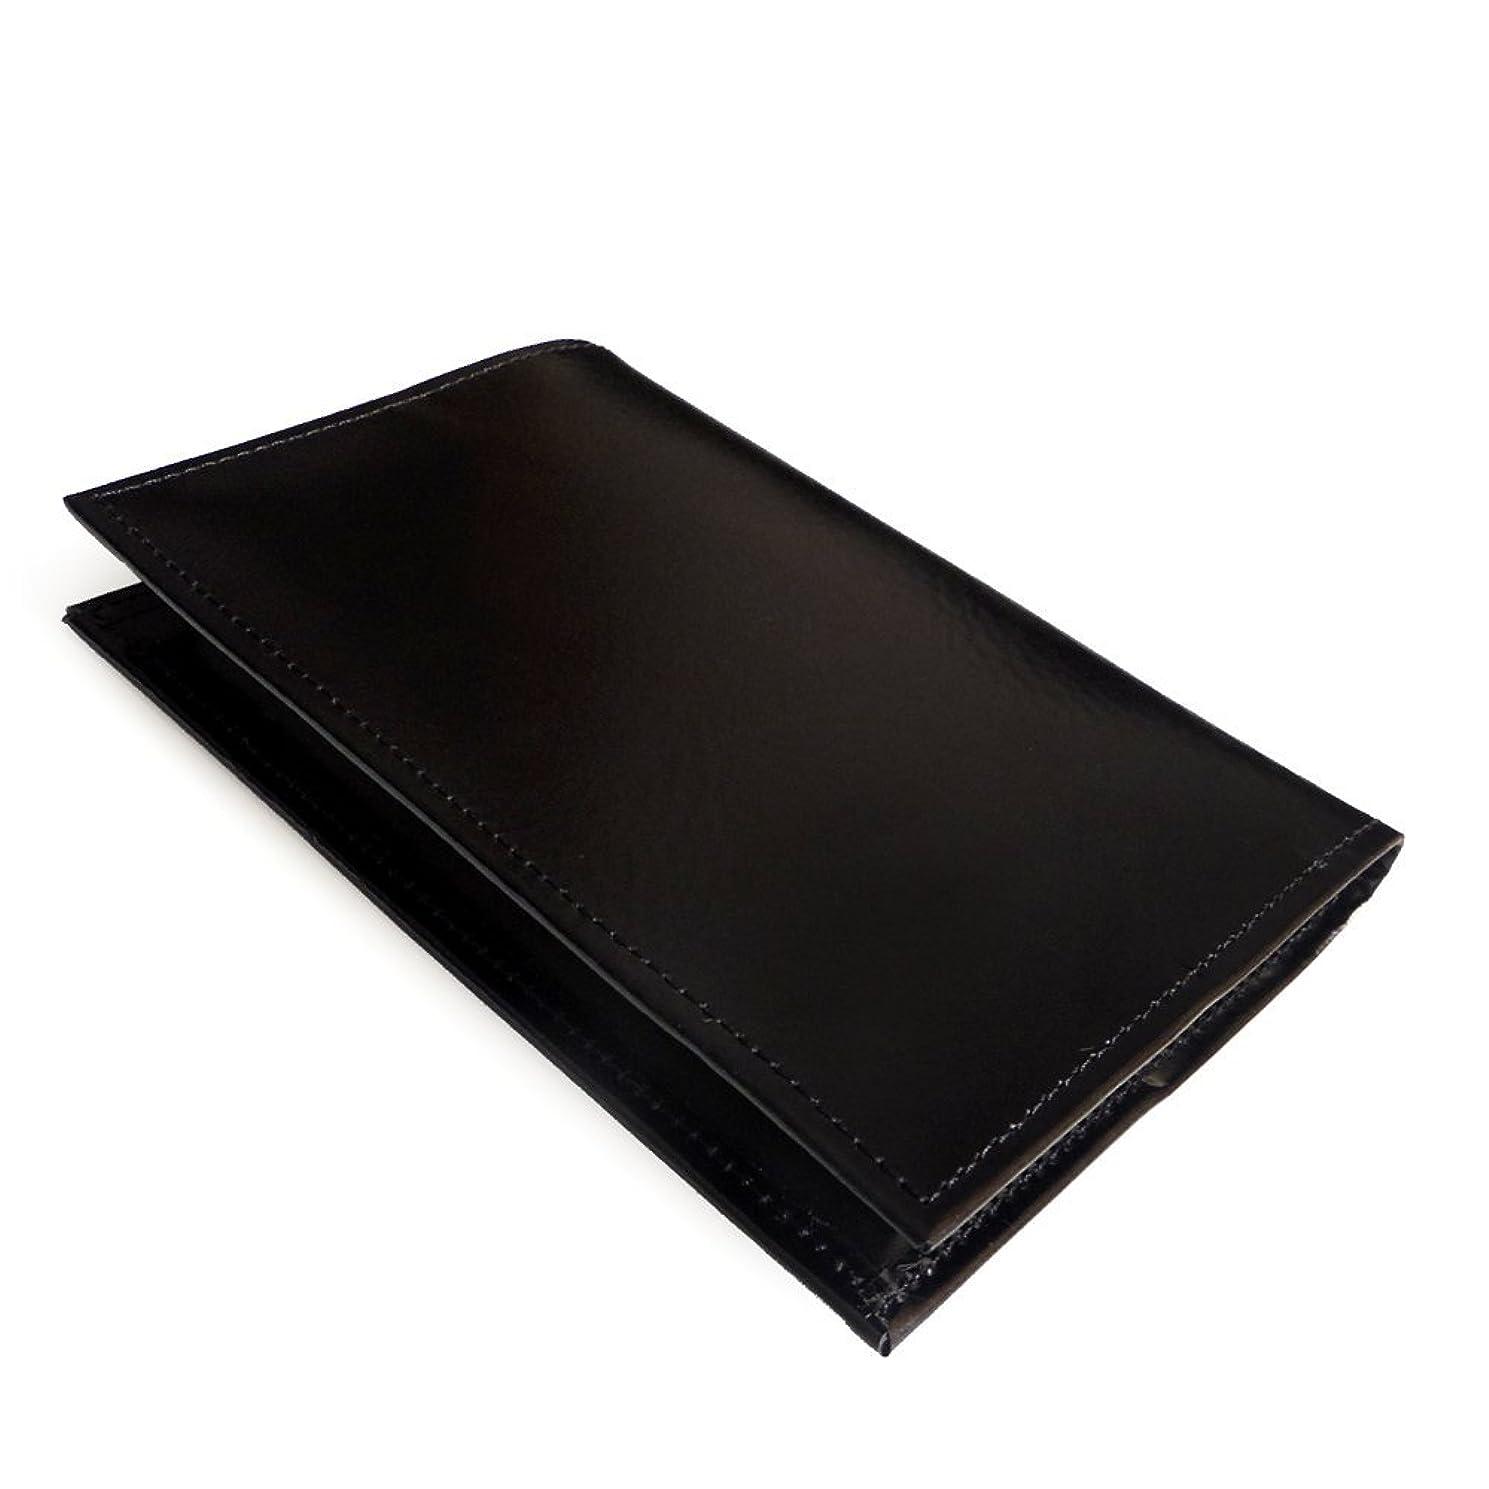 ミキサー不機嫌そうな高潔な国産かばん屋さんの手作りレザーブックカバー トールサイズ (ブラック)